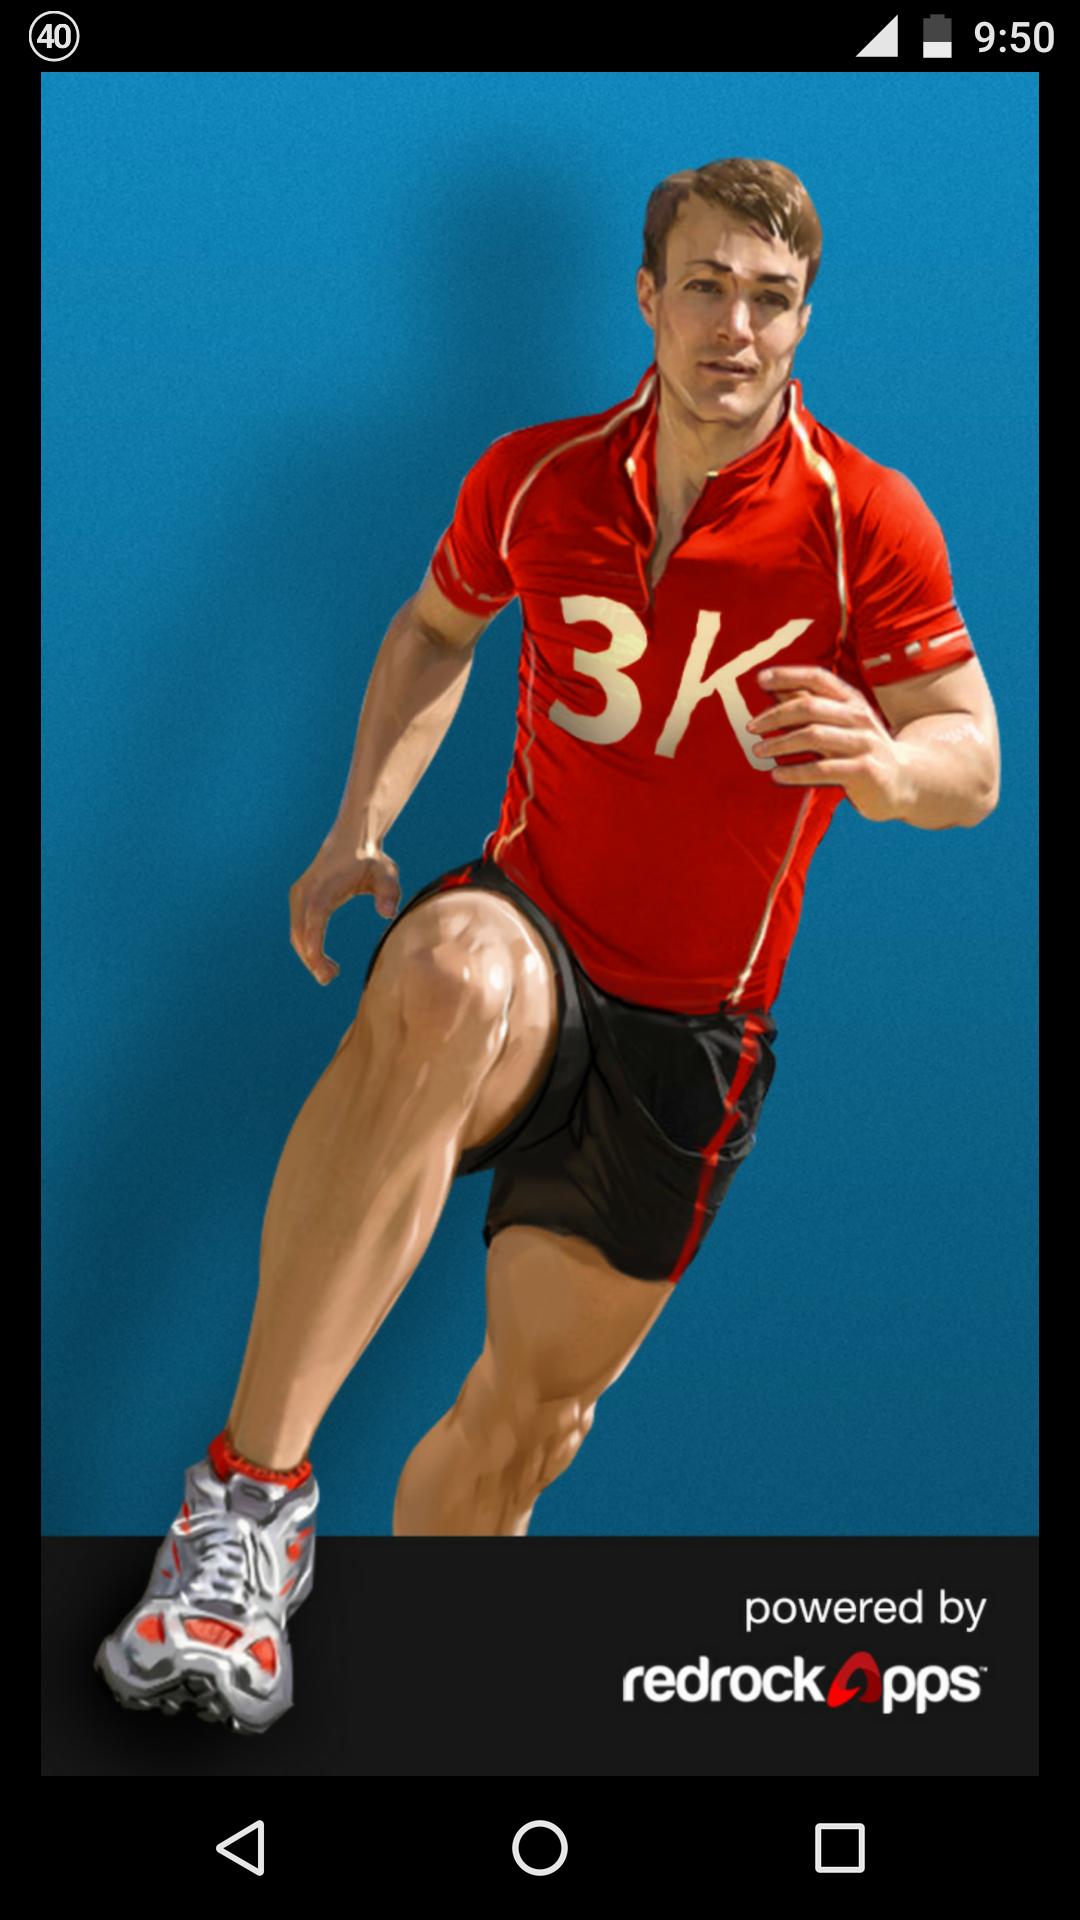 скачать программу бег для похудения на андроид